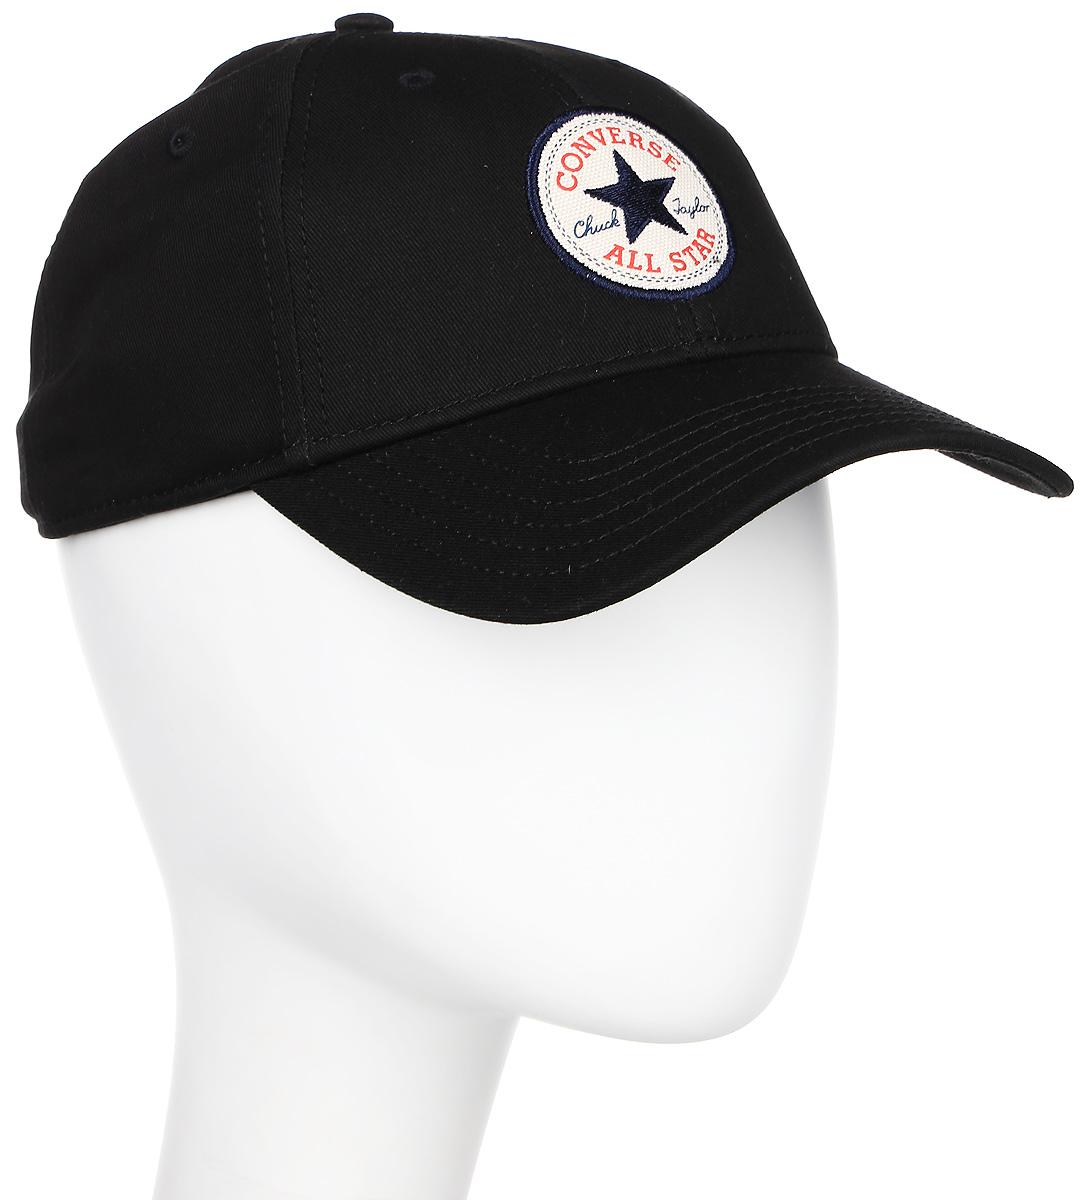 Бейсболка Converse Core Cap, цвет: черный. 526560. Размер универсальный526560Стильная бейсболка Converse идеально подойдет для прогулок, занятий спортом и отдыха. Бейсболка, выполненная из 100% хлопка, надежно защитит вас от солнца и ветра. Модель имеет классическую конструкцию из шести панелей и специальные вентиляционные отверстия. Изделие оформлено вышивкой с логотипом бренда. Объем бейсболки регулируется при помощи хлястика с пряжкой